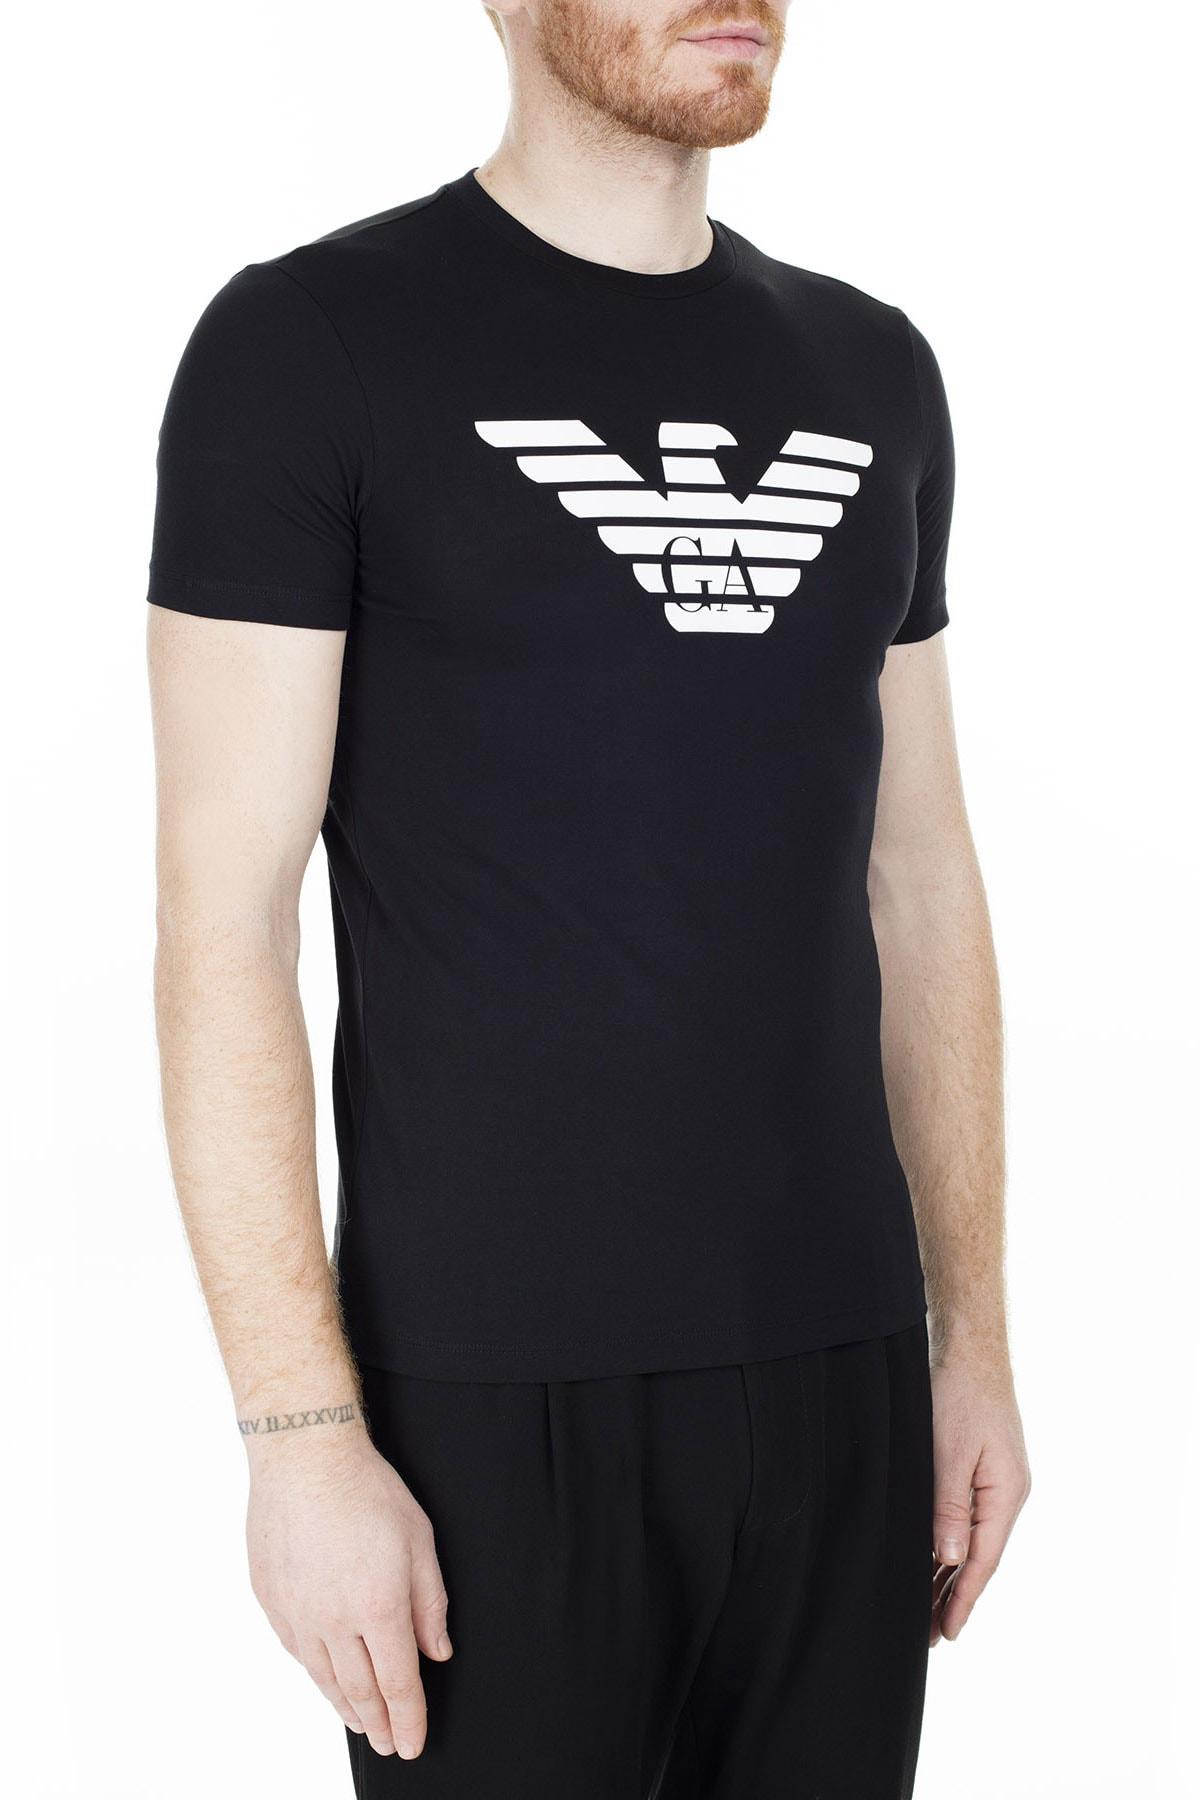 Emporio Armani Siyah Erkek T-Shirt 8N1T99 1JNQZ 0999 3